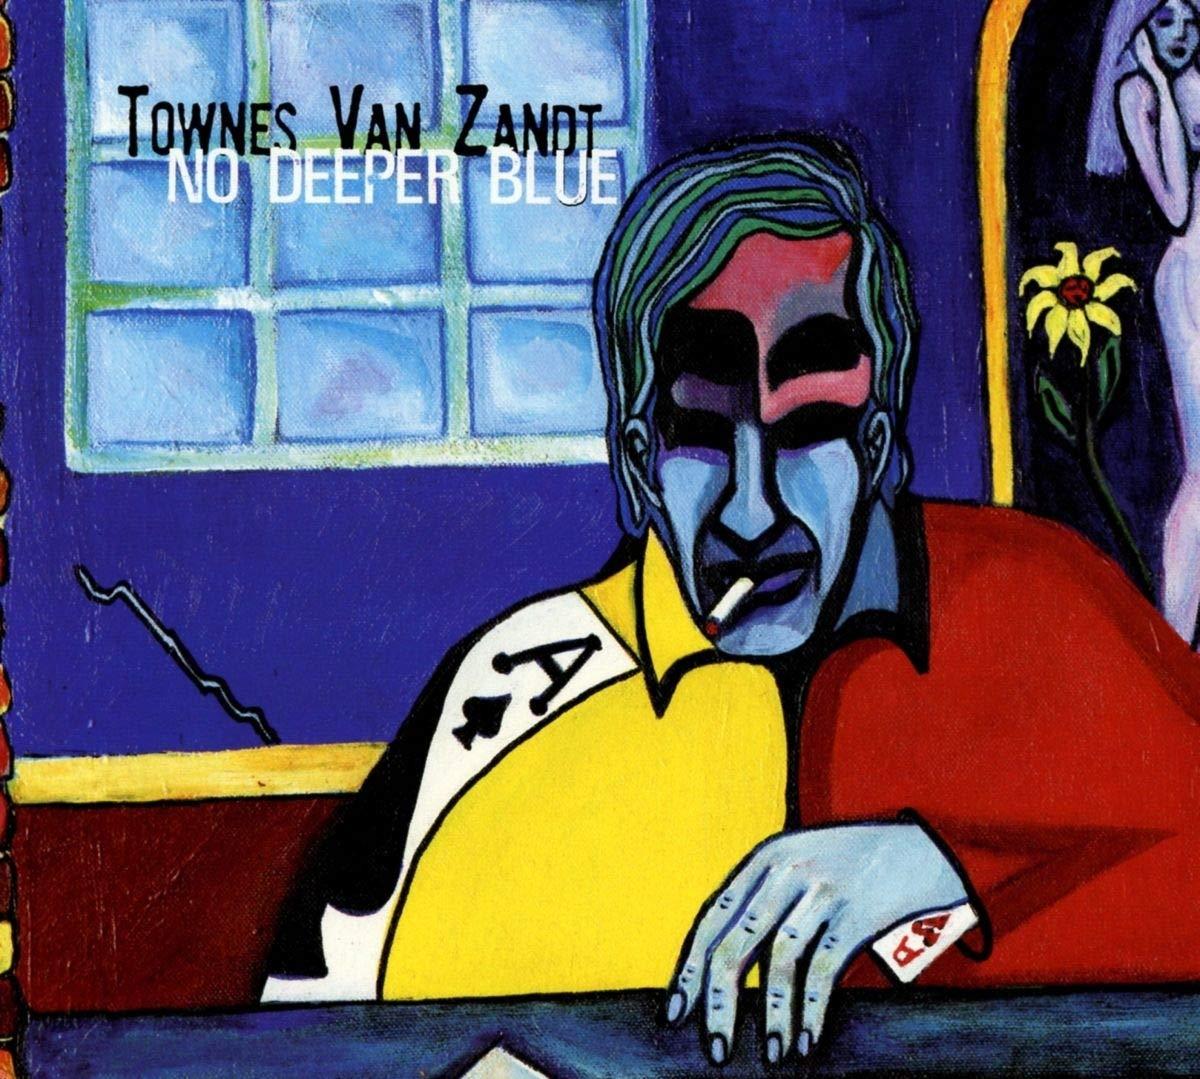 Townes Van Zandt – No Deeper Blue (1994) [FLAC]